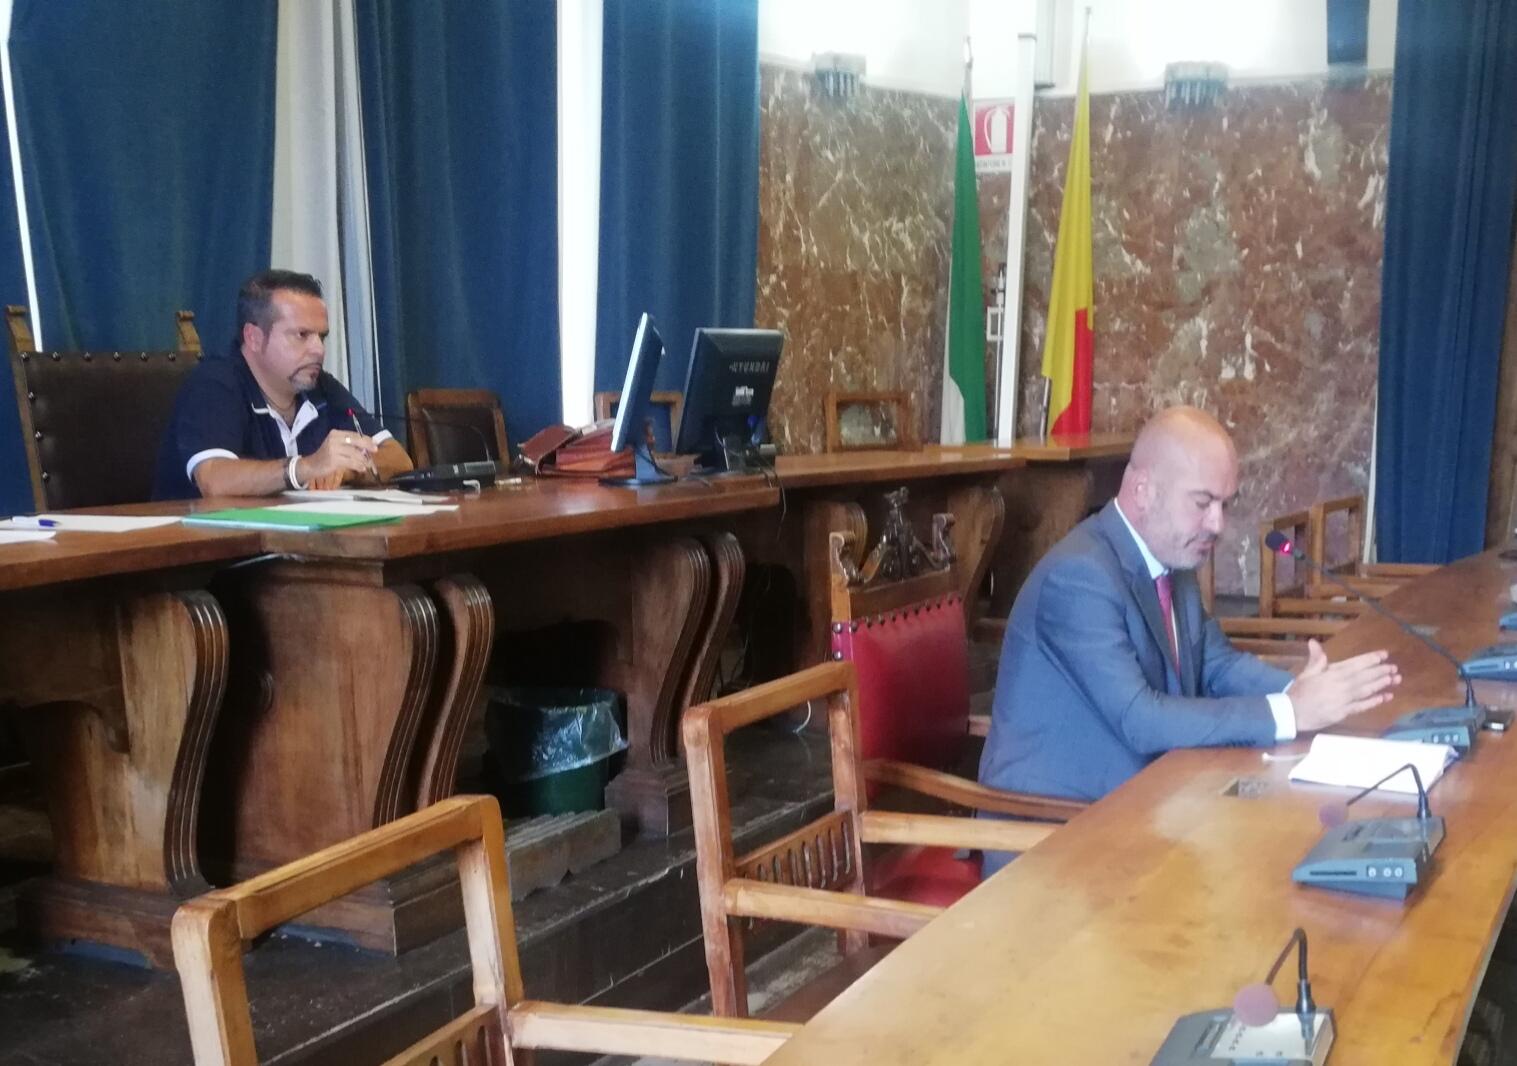 Sicurezza stradale in via Consolare Pompea: ecco le proposte della I Commissione